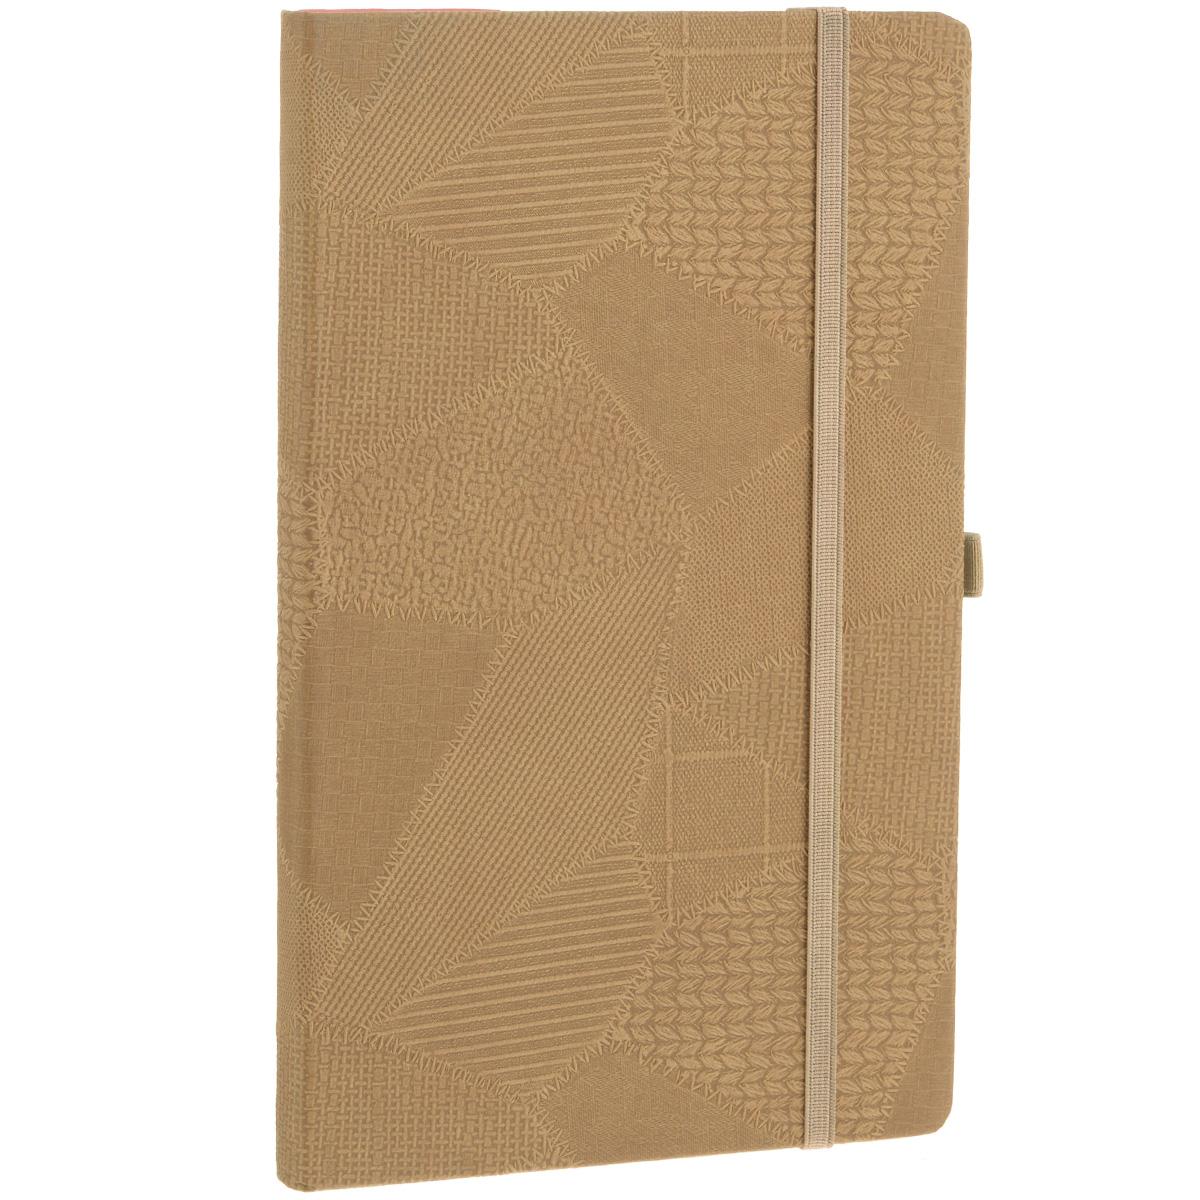 Записная книжка Erich Krause Bazar, цвет: коричневый, 96 листов mind ulness утренние страницы лимон скругленные углы